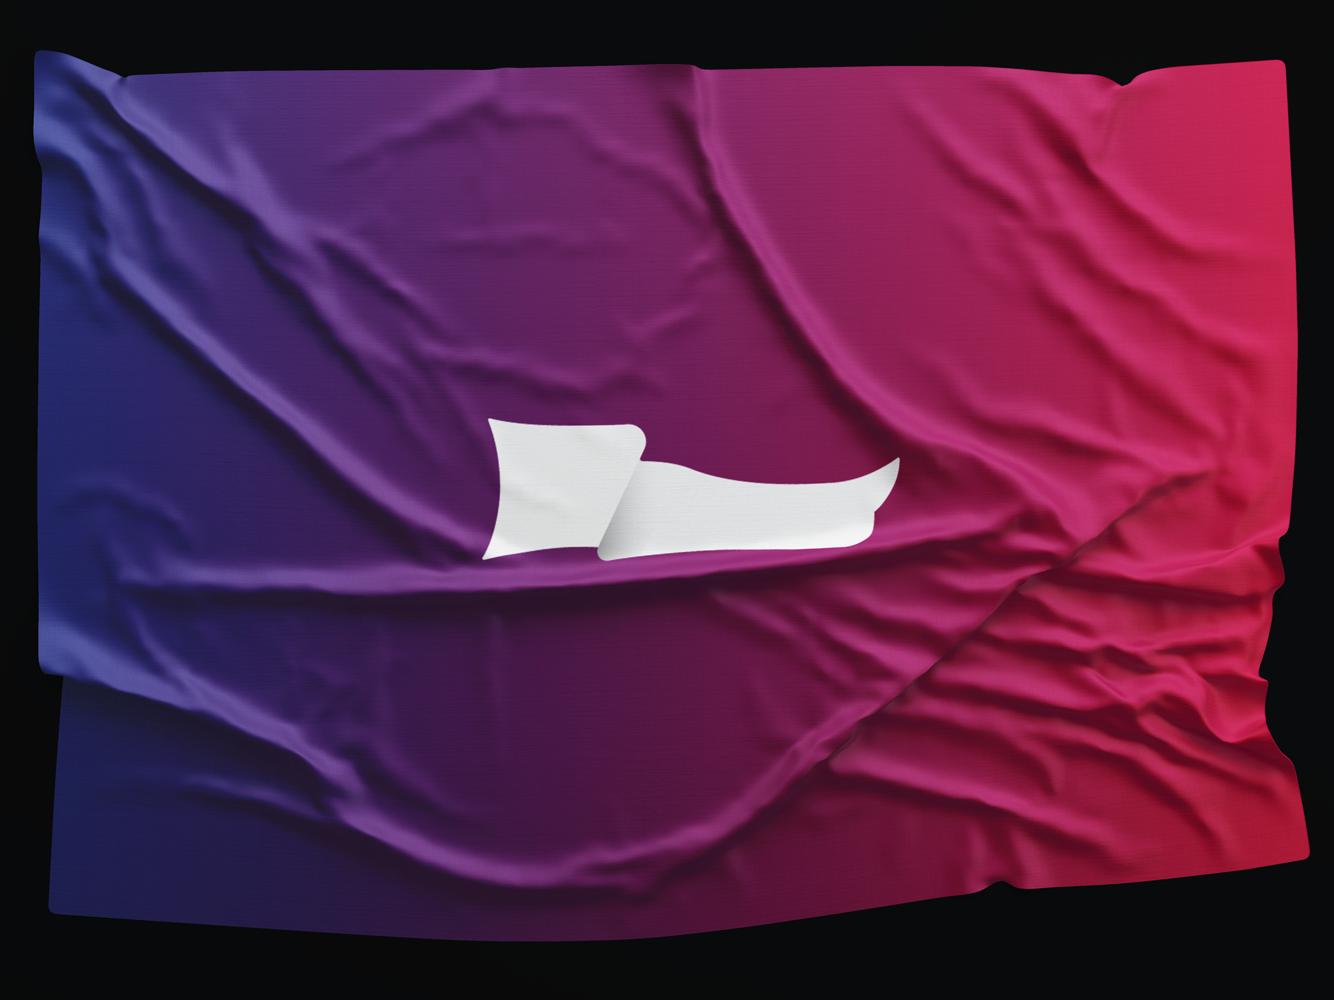 Flag flag logo flag flags brand identity branding logo design logo graphic design